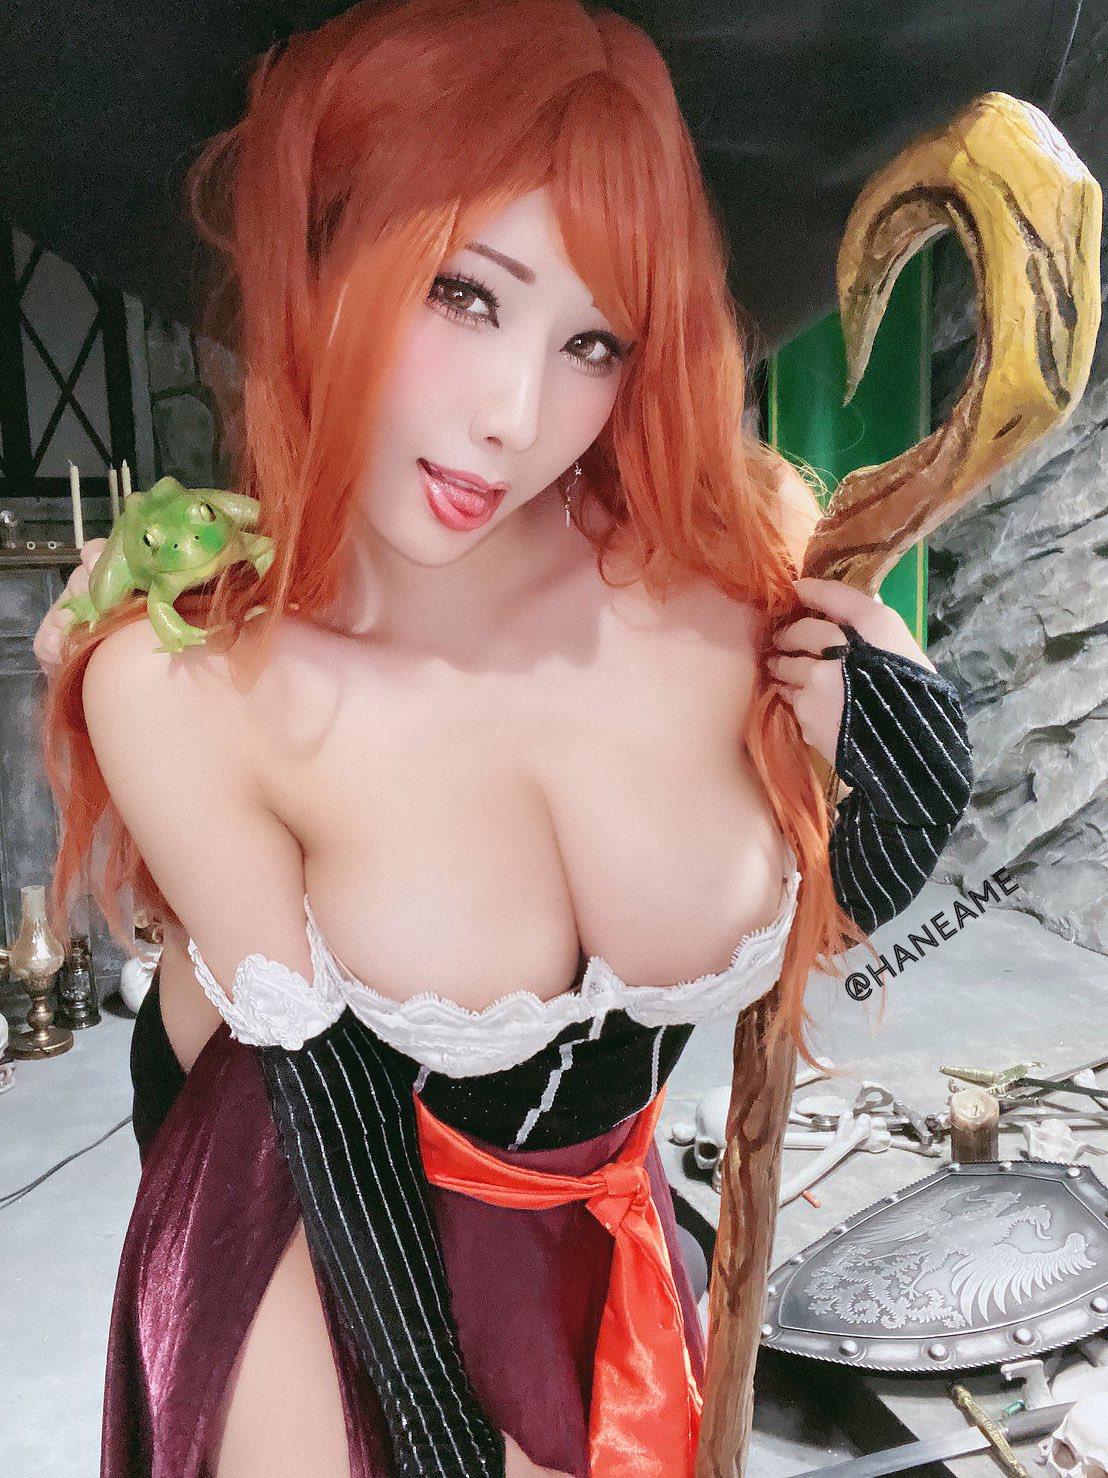 【画像】おっぱい丸出しの魔女コスプレイヤーが発見される